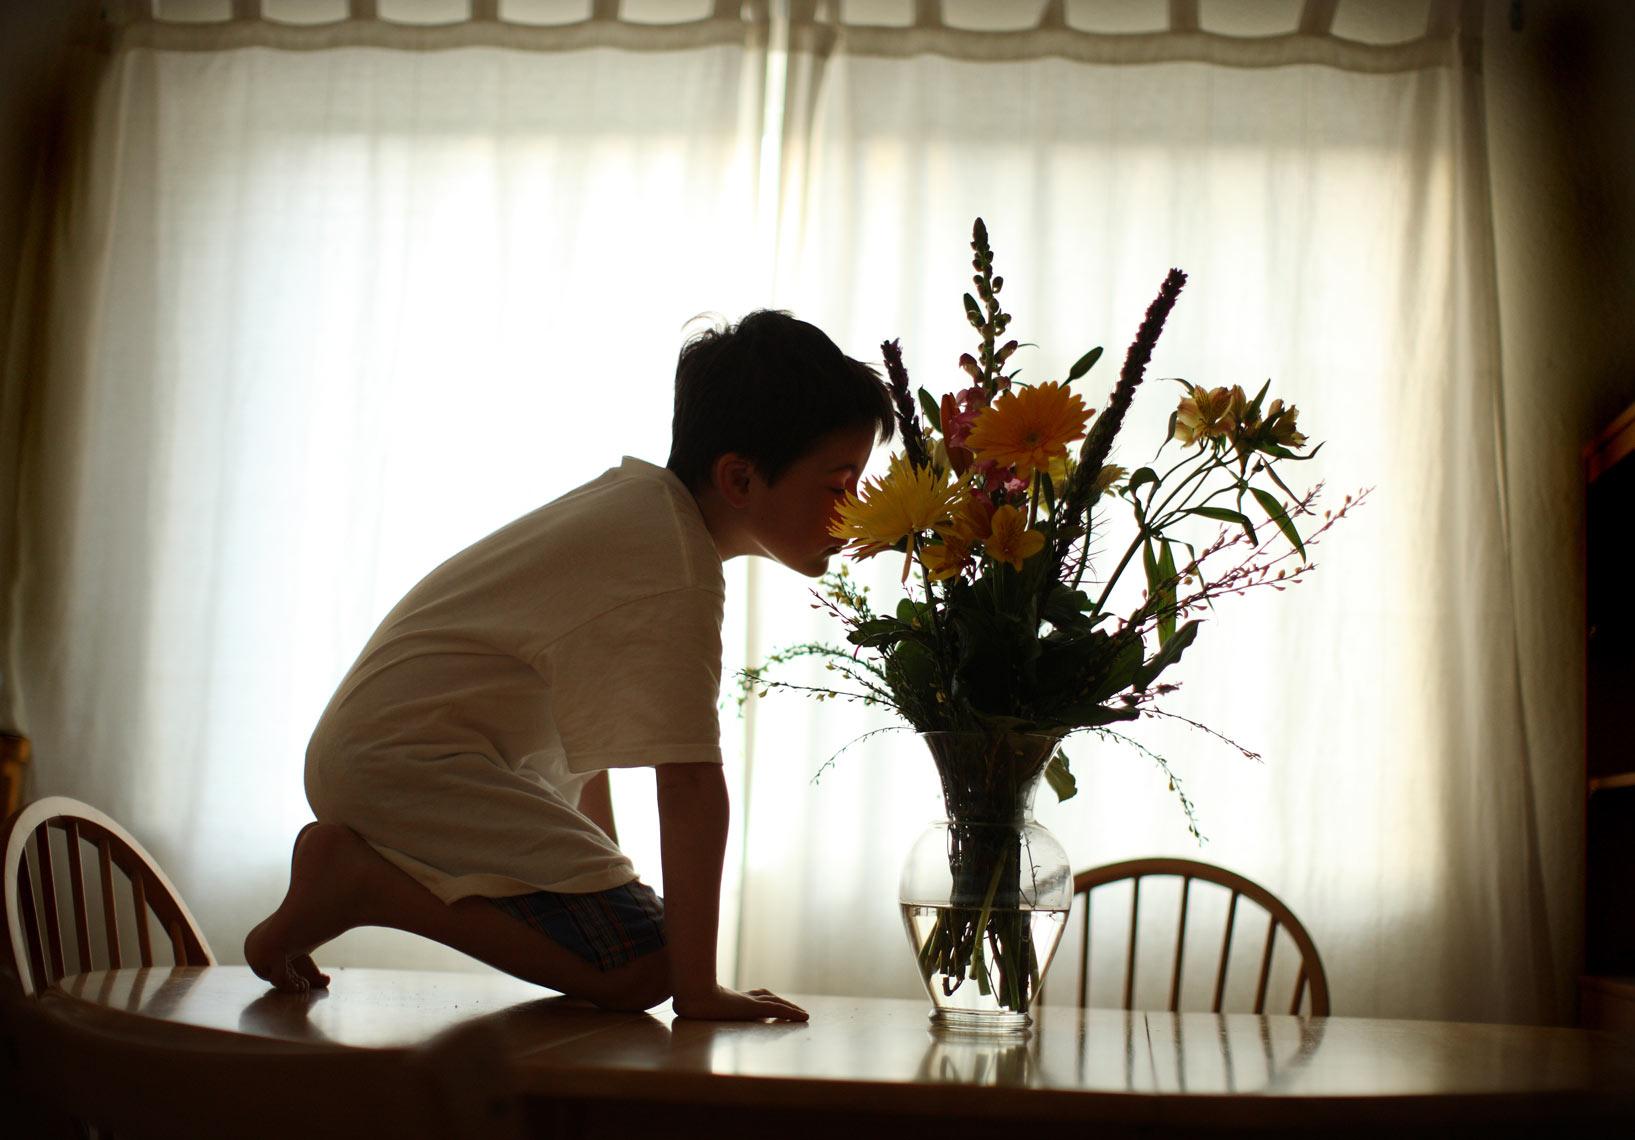 Otizmli Çocuğun Babası Tarafından Belgelenen Kendine Özgü Alışkanlıkları, İLK EVİN - Özel Eğitim ve Rehabilitasyon Merkezi